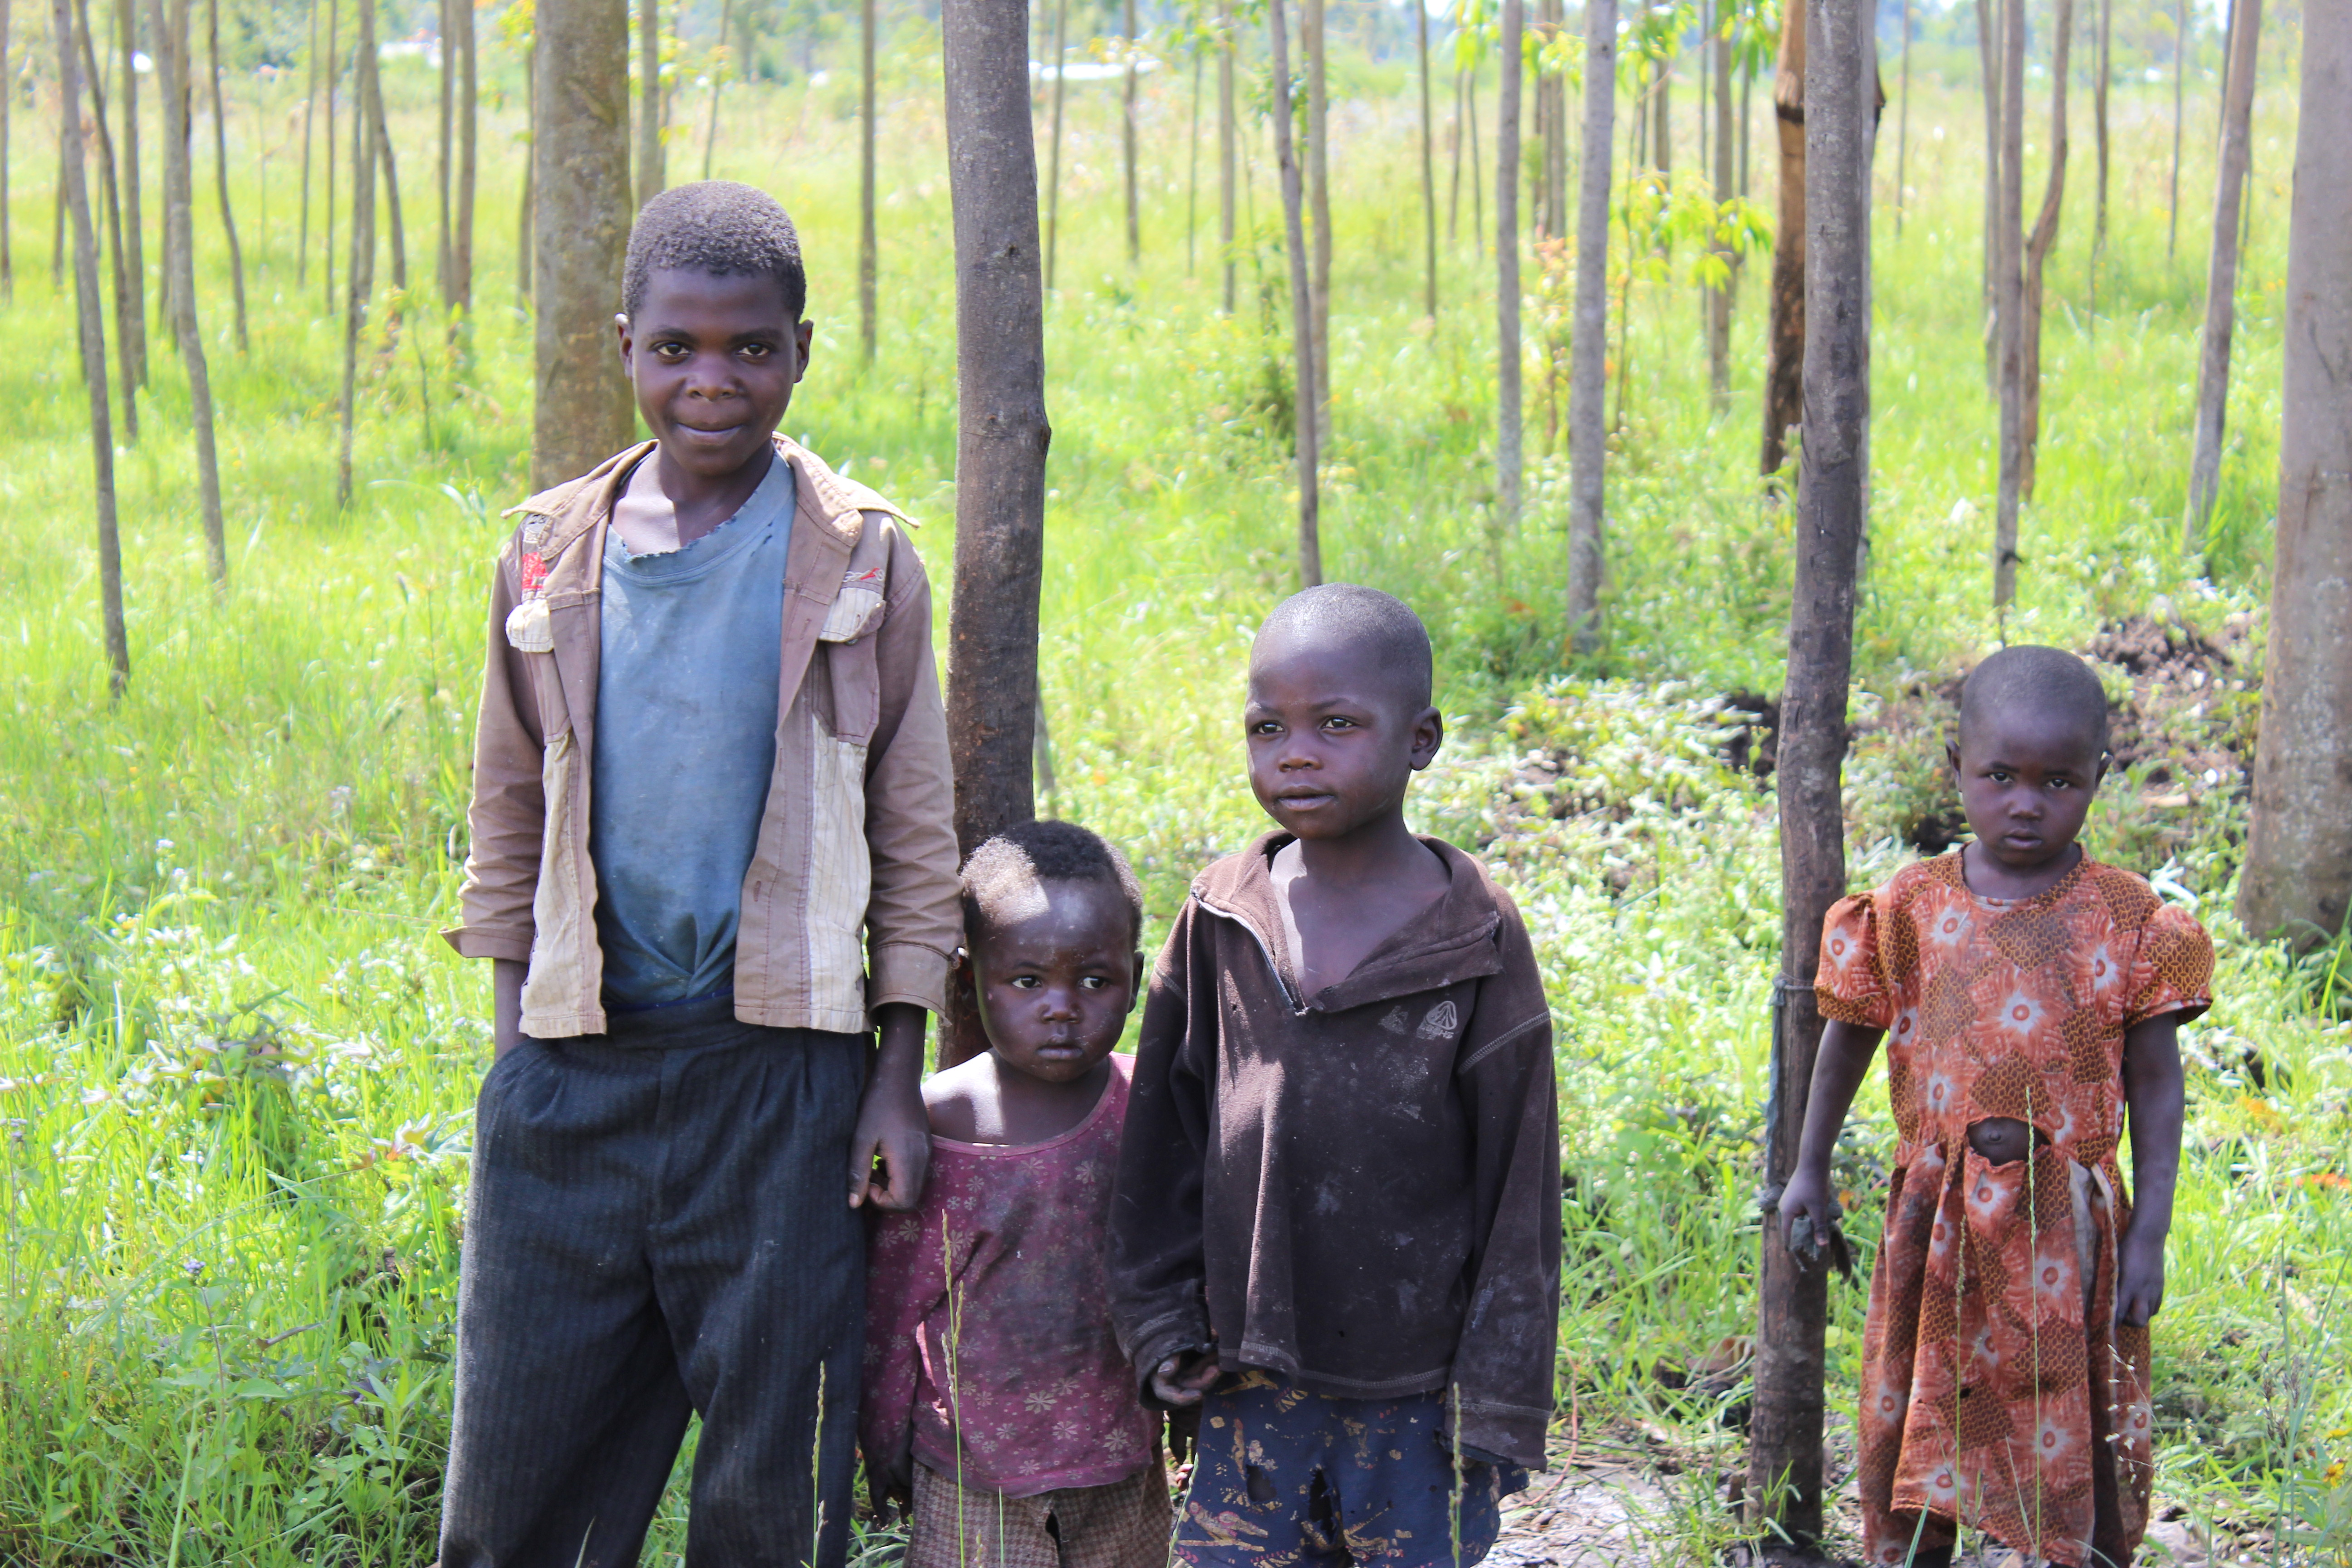 Kitale children